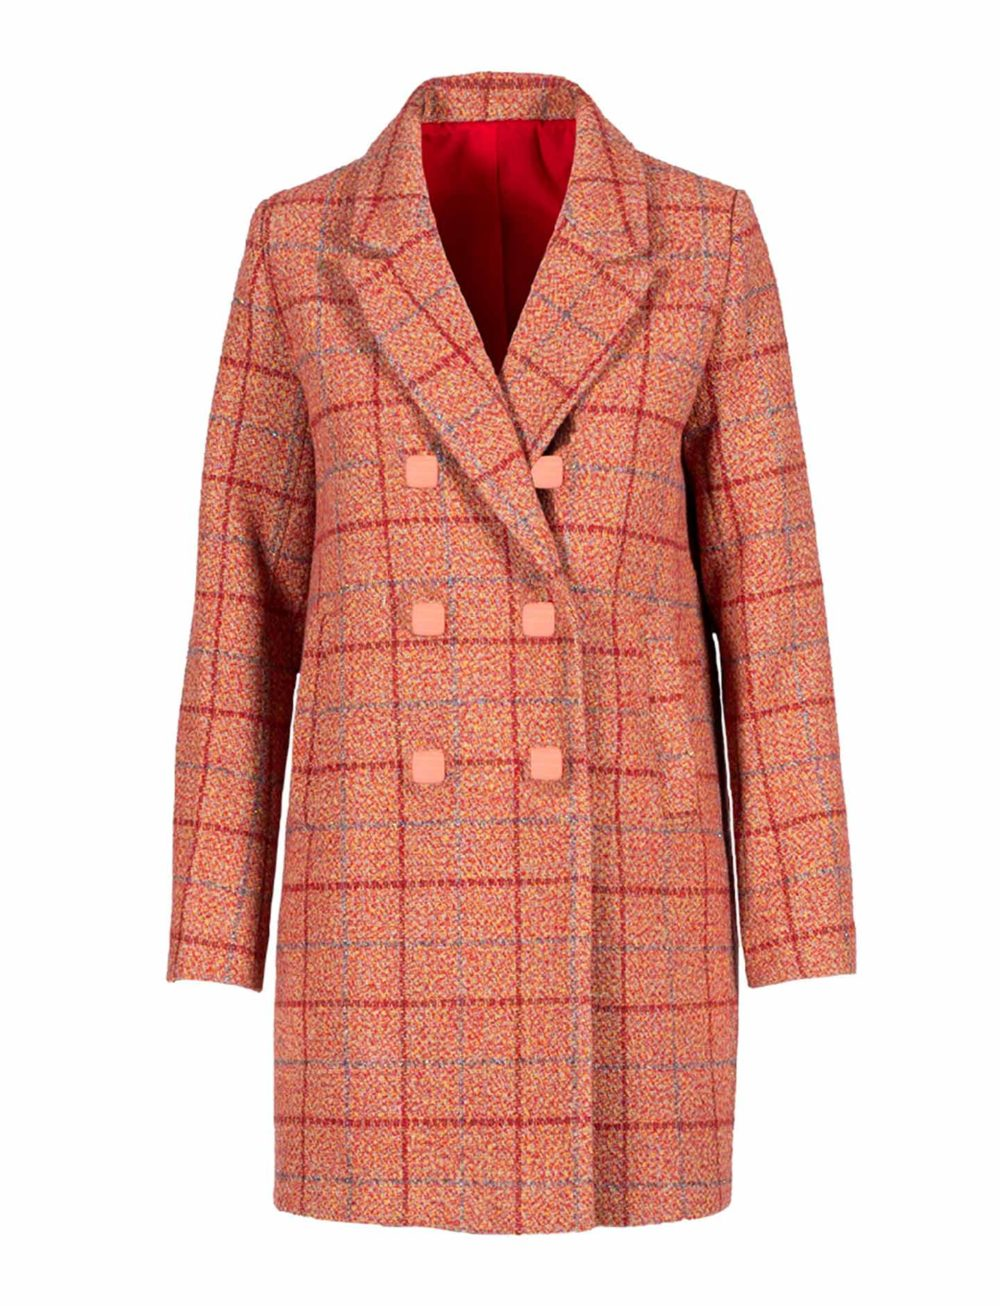 abrigo-rojo-cuadros-botones-grandes